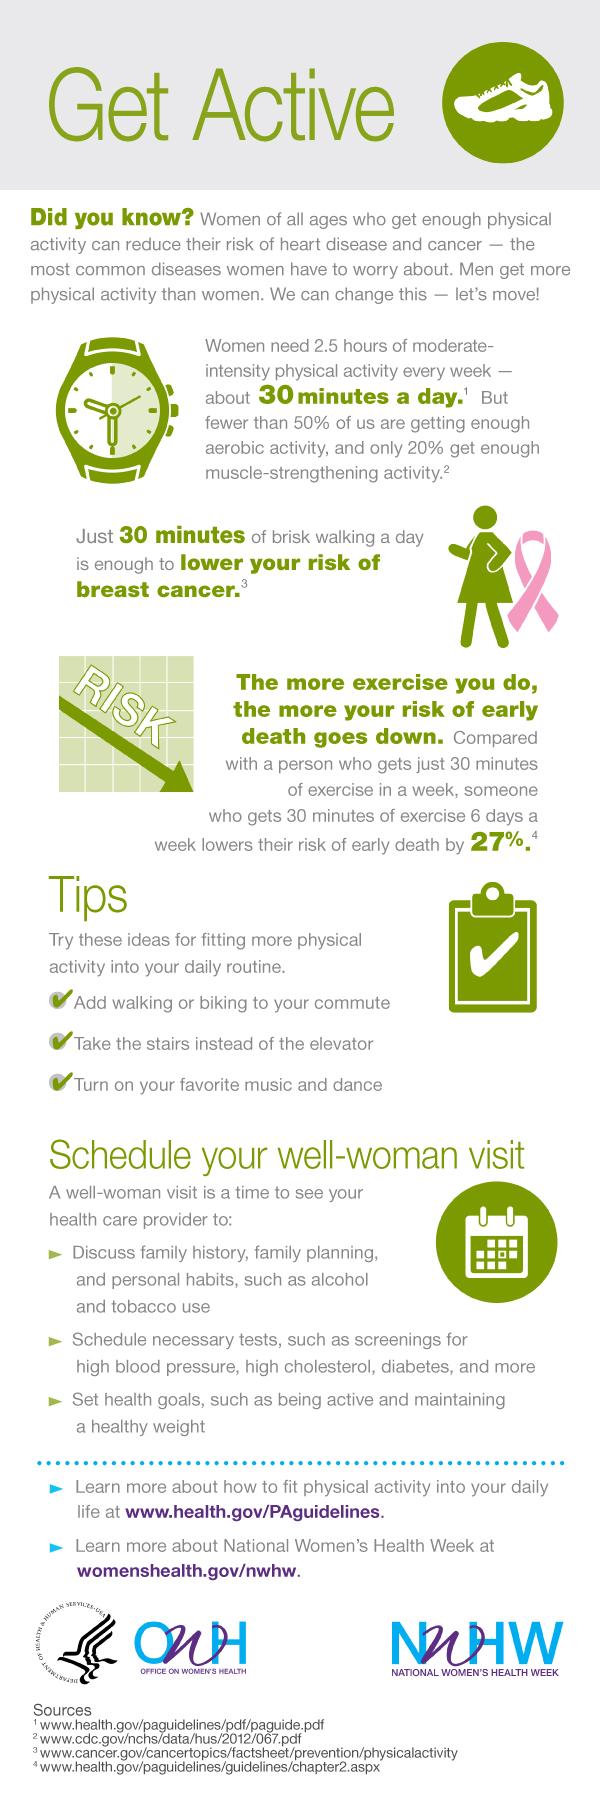 National Women's Health Week 2014 - Get Active